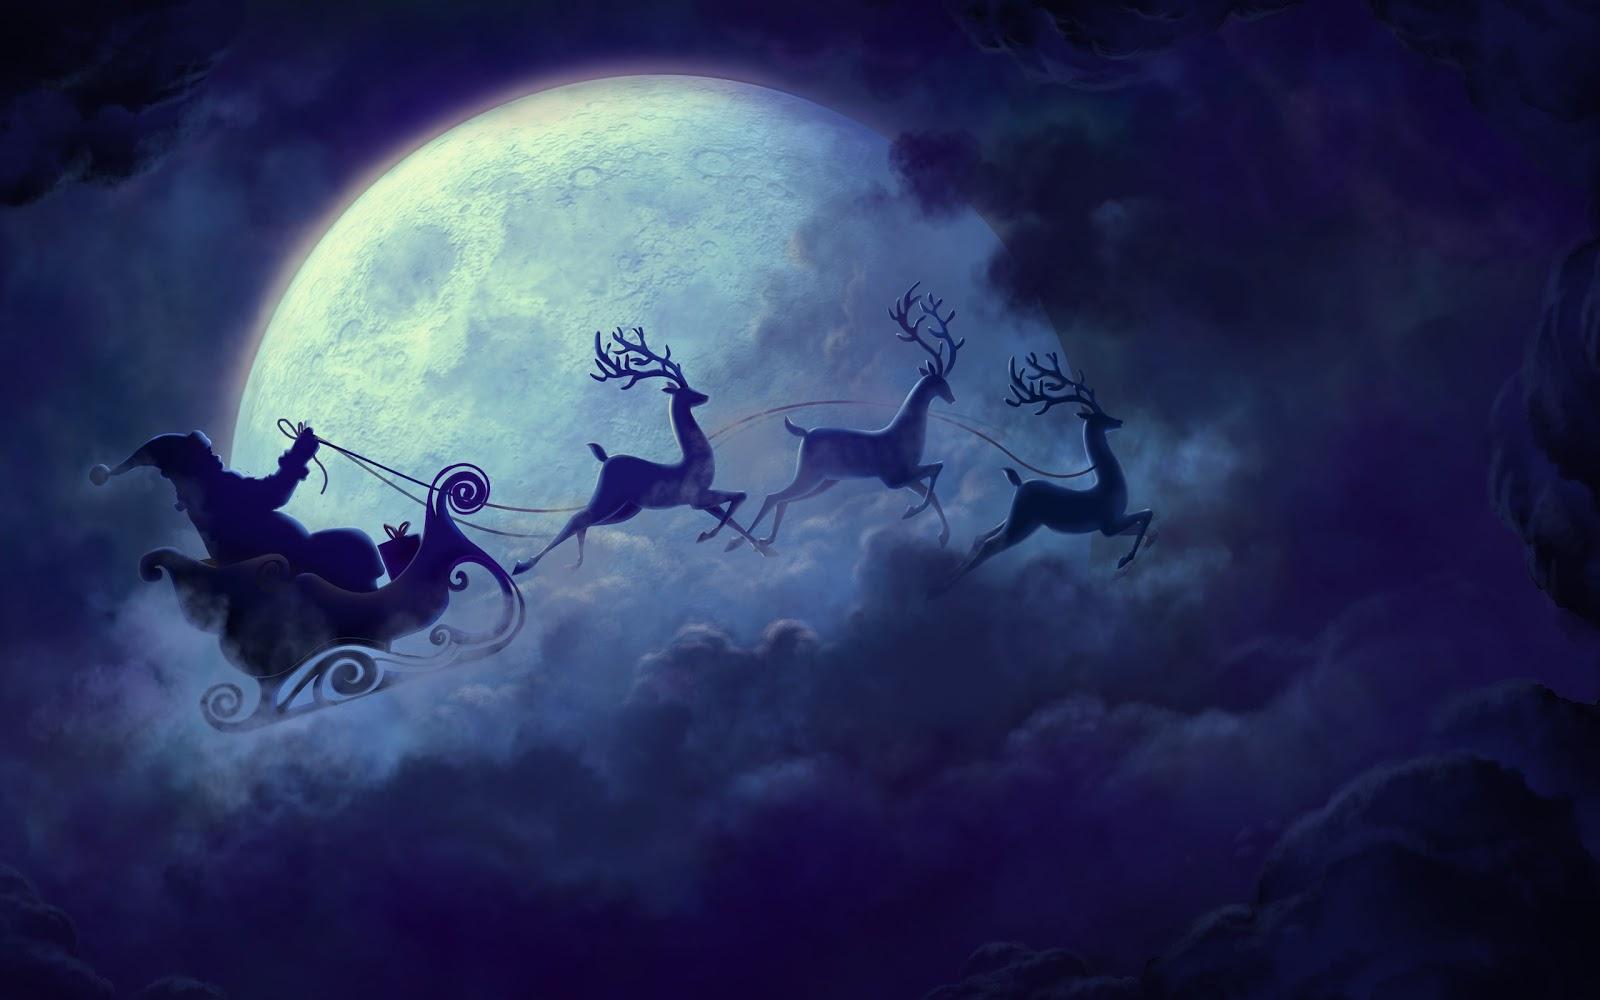 Babbo Natale, renne, slitta, luna, nuvole, notte